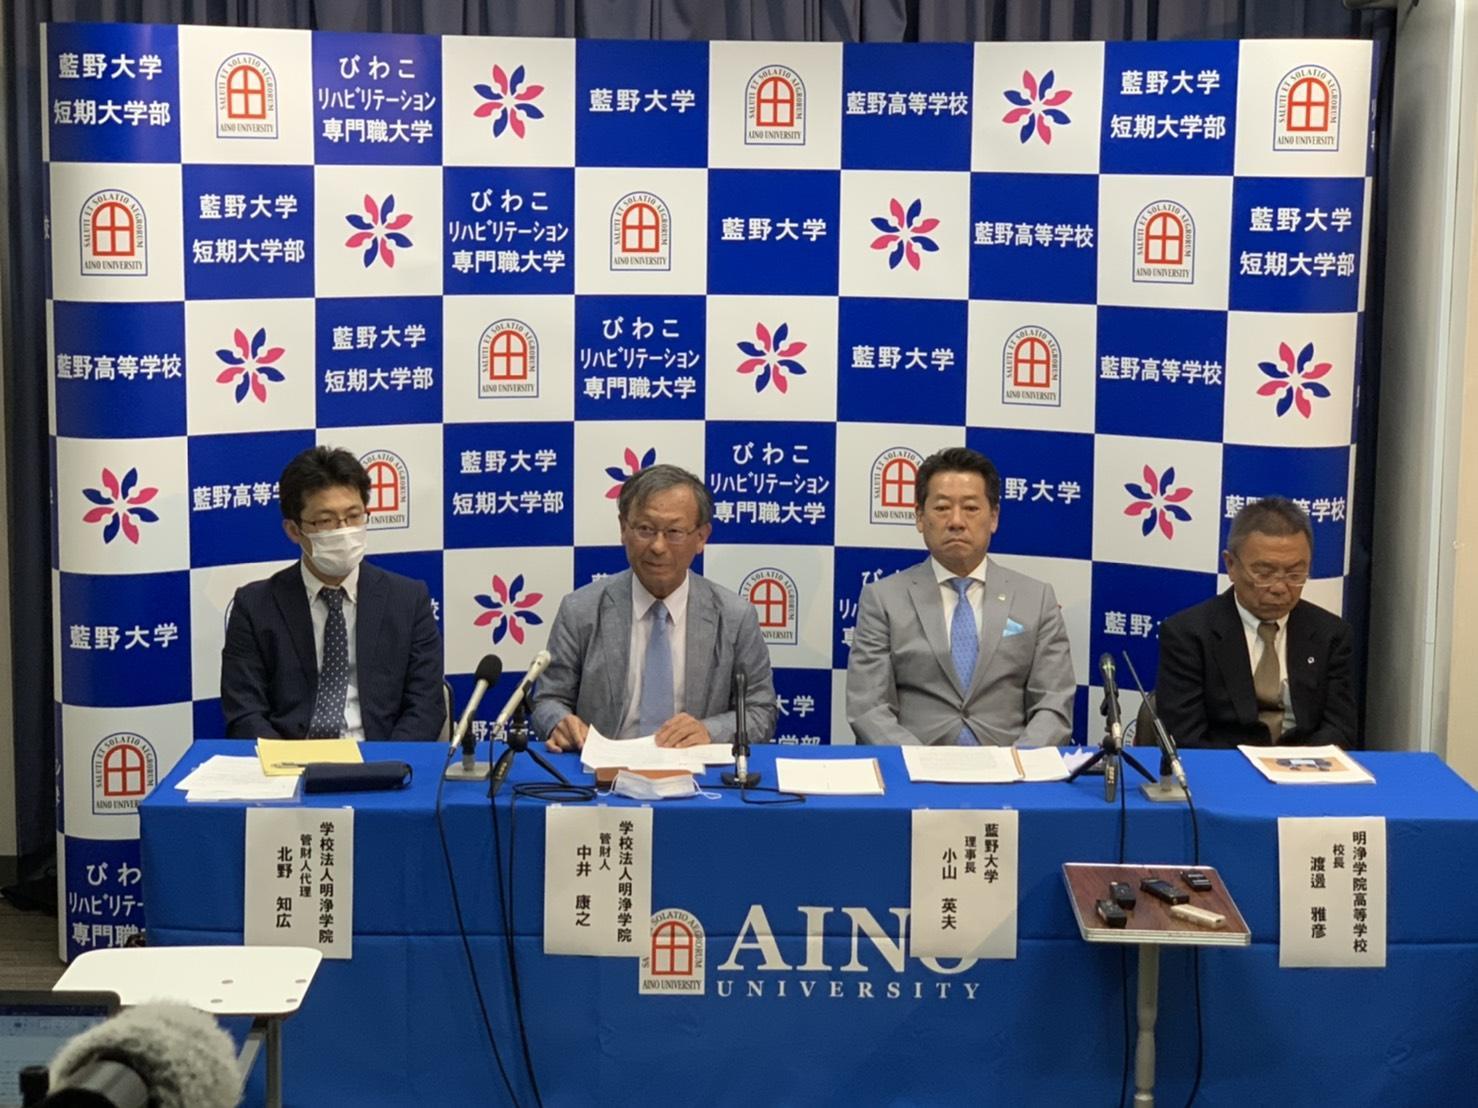 明浄学院高等学校との支援契約の締結について(記者会見)